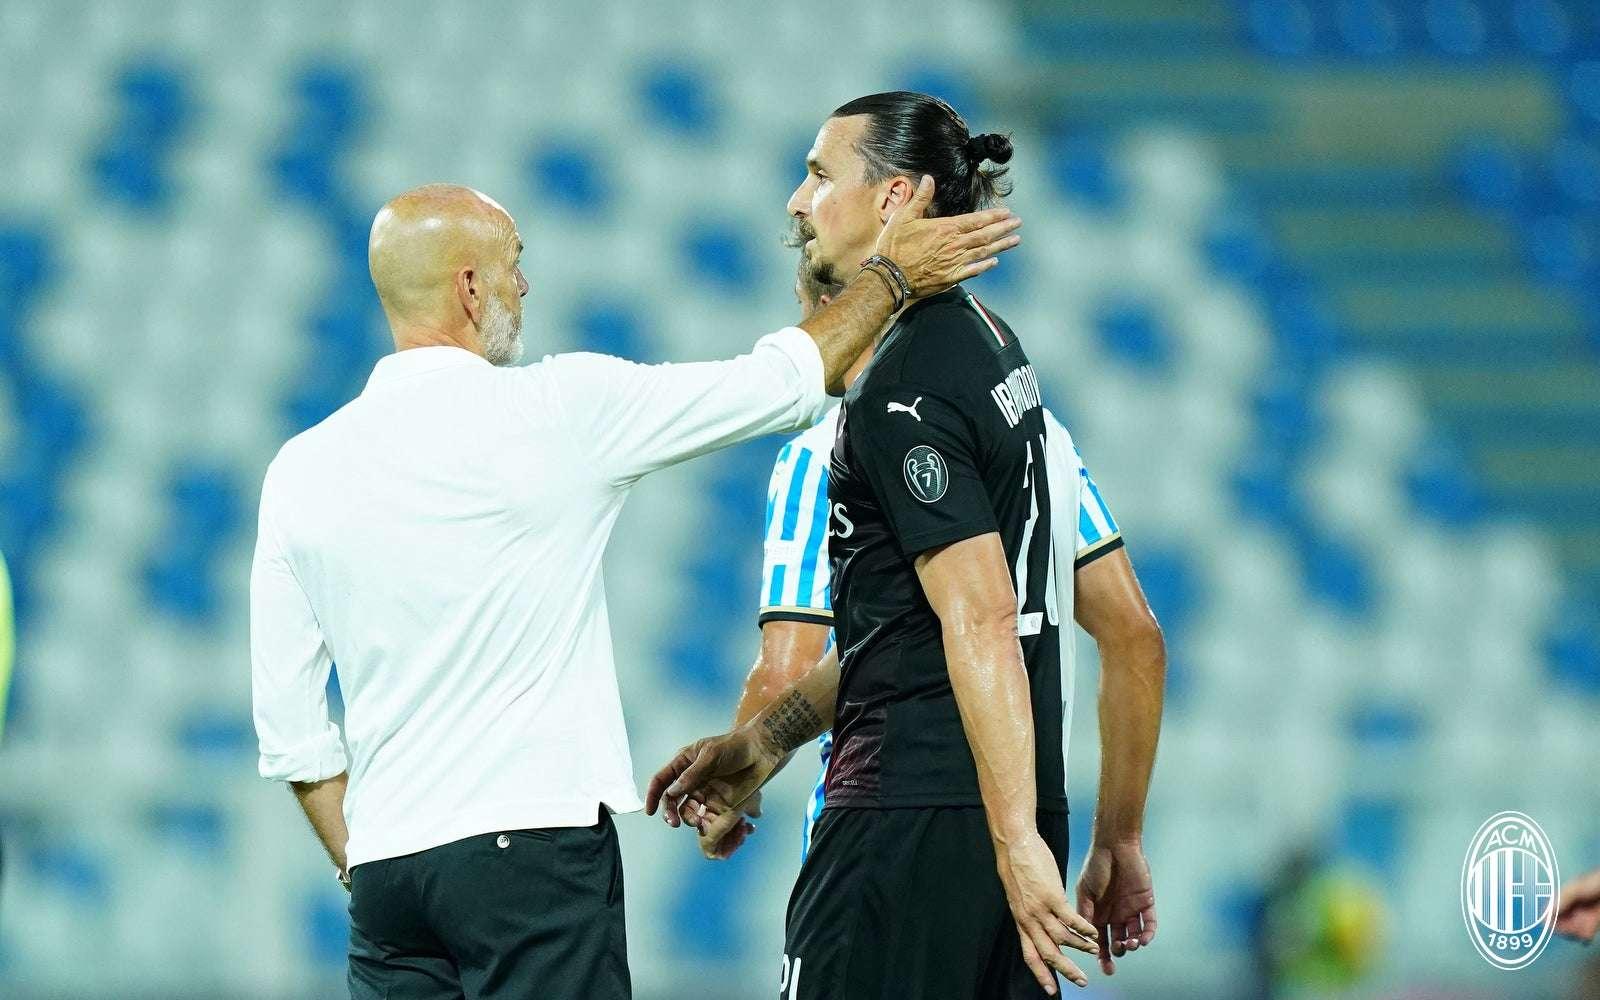 """Pioli: """"Ez az eredmény visszalépés a Milannak"""""""